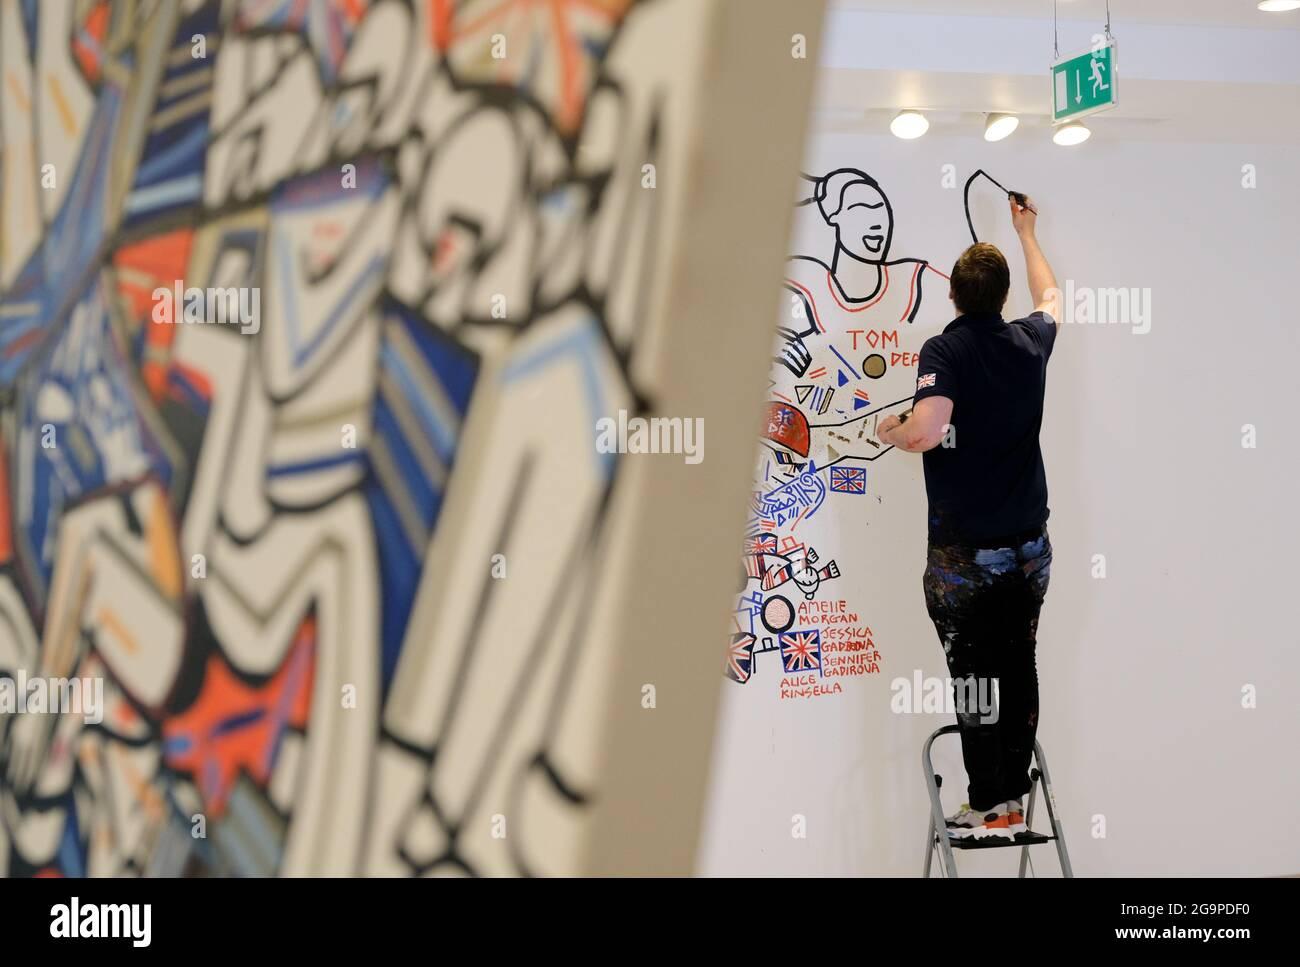 Carnaby Street, London, Großbritannien. Juli 2021. Ben Mosley, ein offizieller Künstler des Team GB, malt ein Wandgemälde von Team GB in einem Geschäft in der Carnaby Street in London. Kredit: Matthew Chattle/Alamy Live Nachrichten Stockfoto